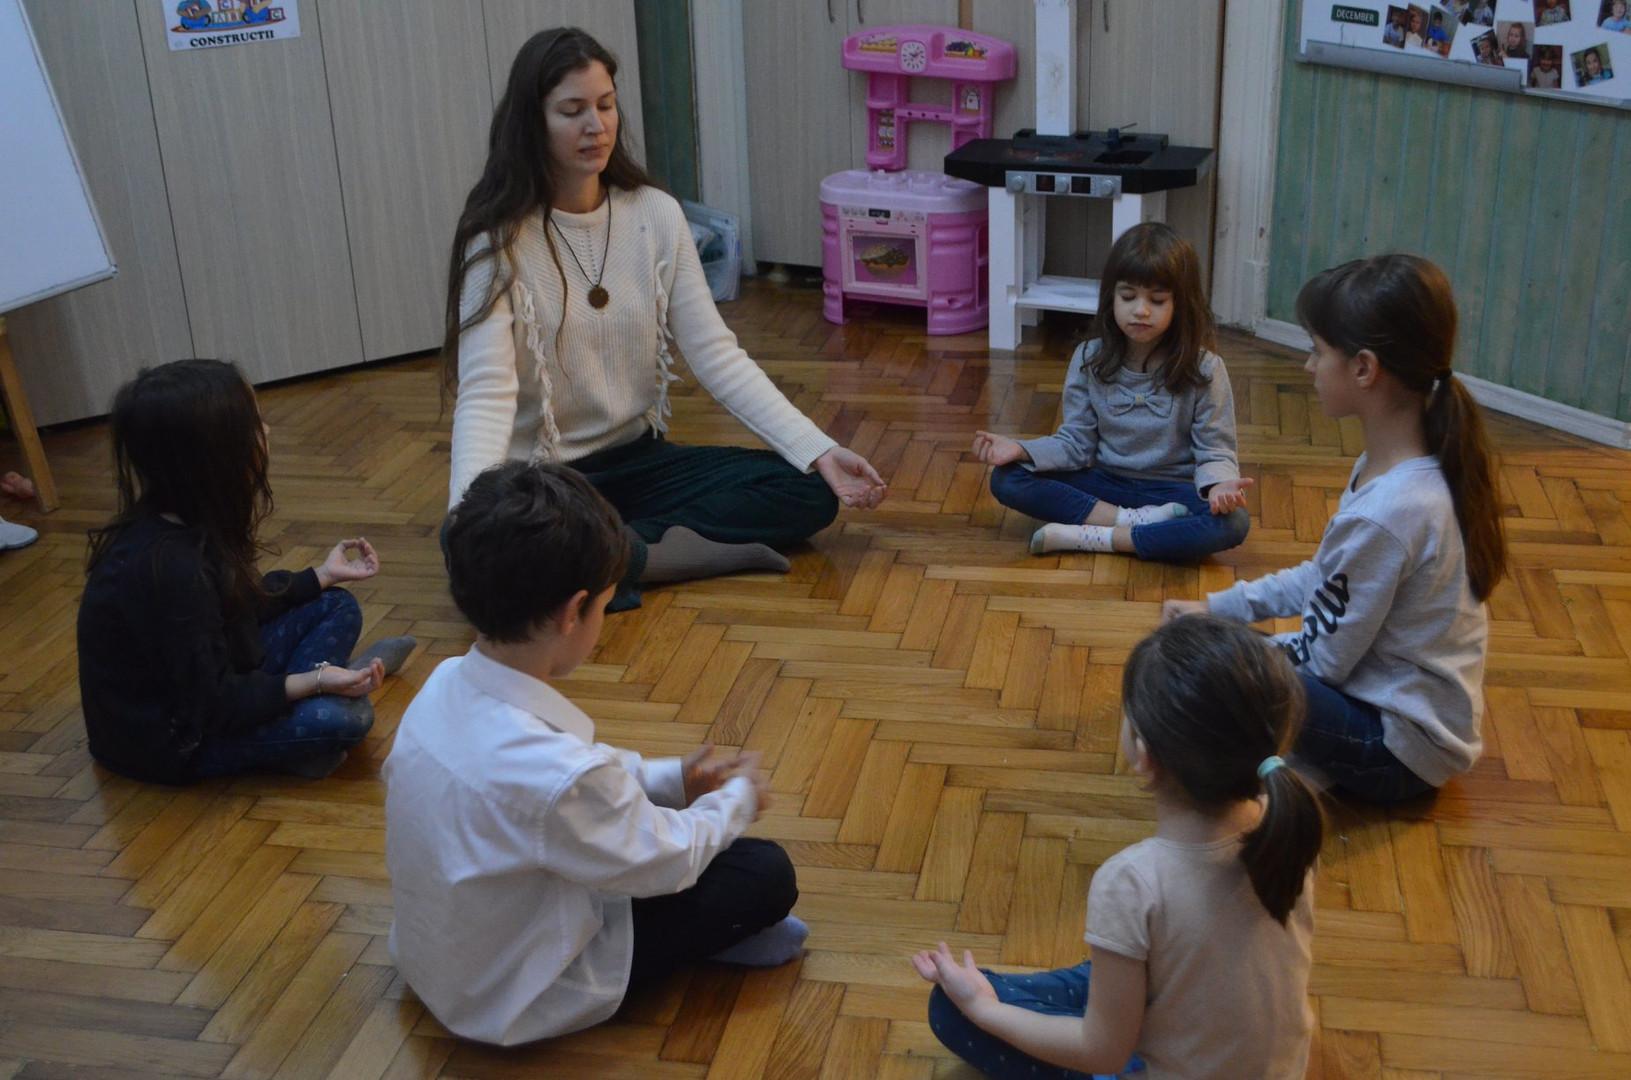 Daiana Radulescu teaching meditation at EnglishKinder